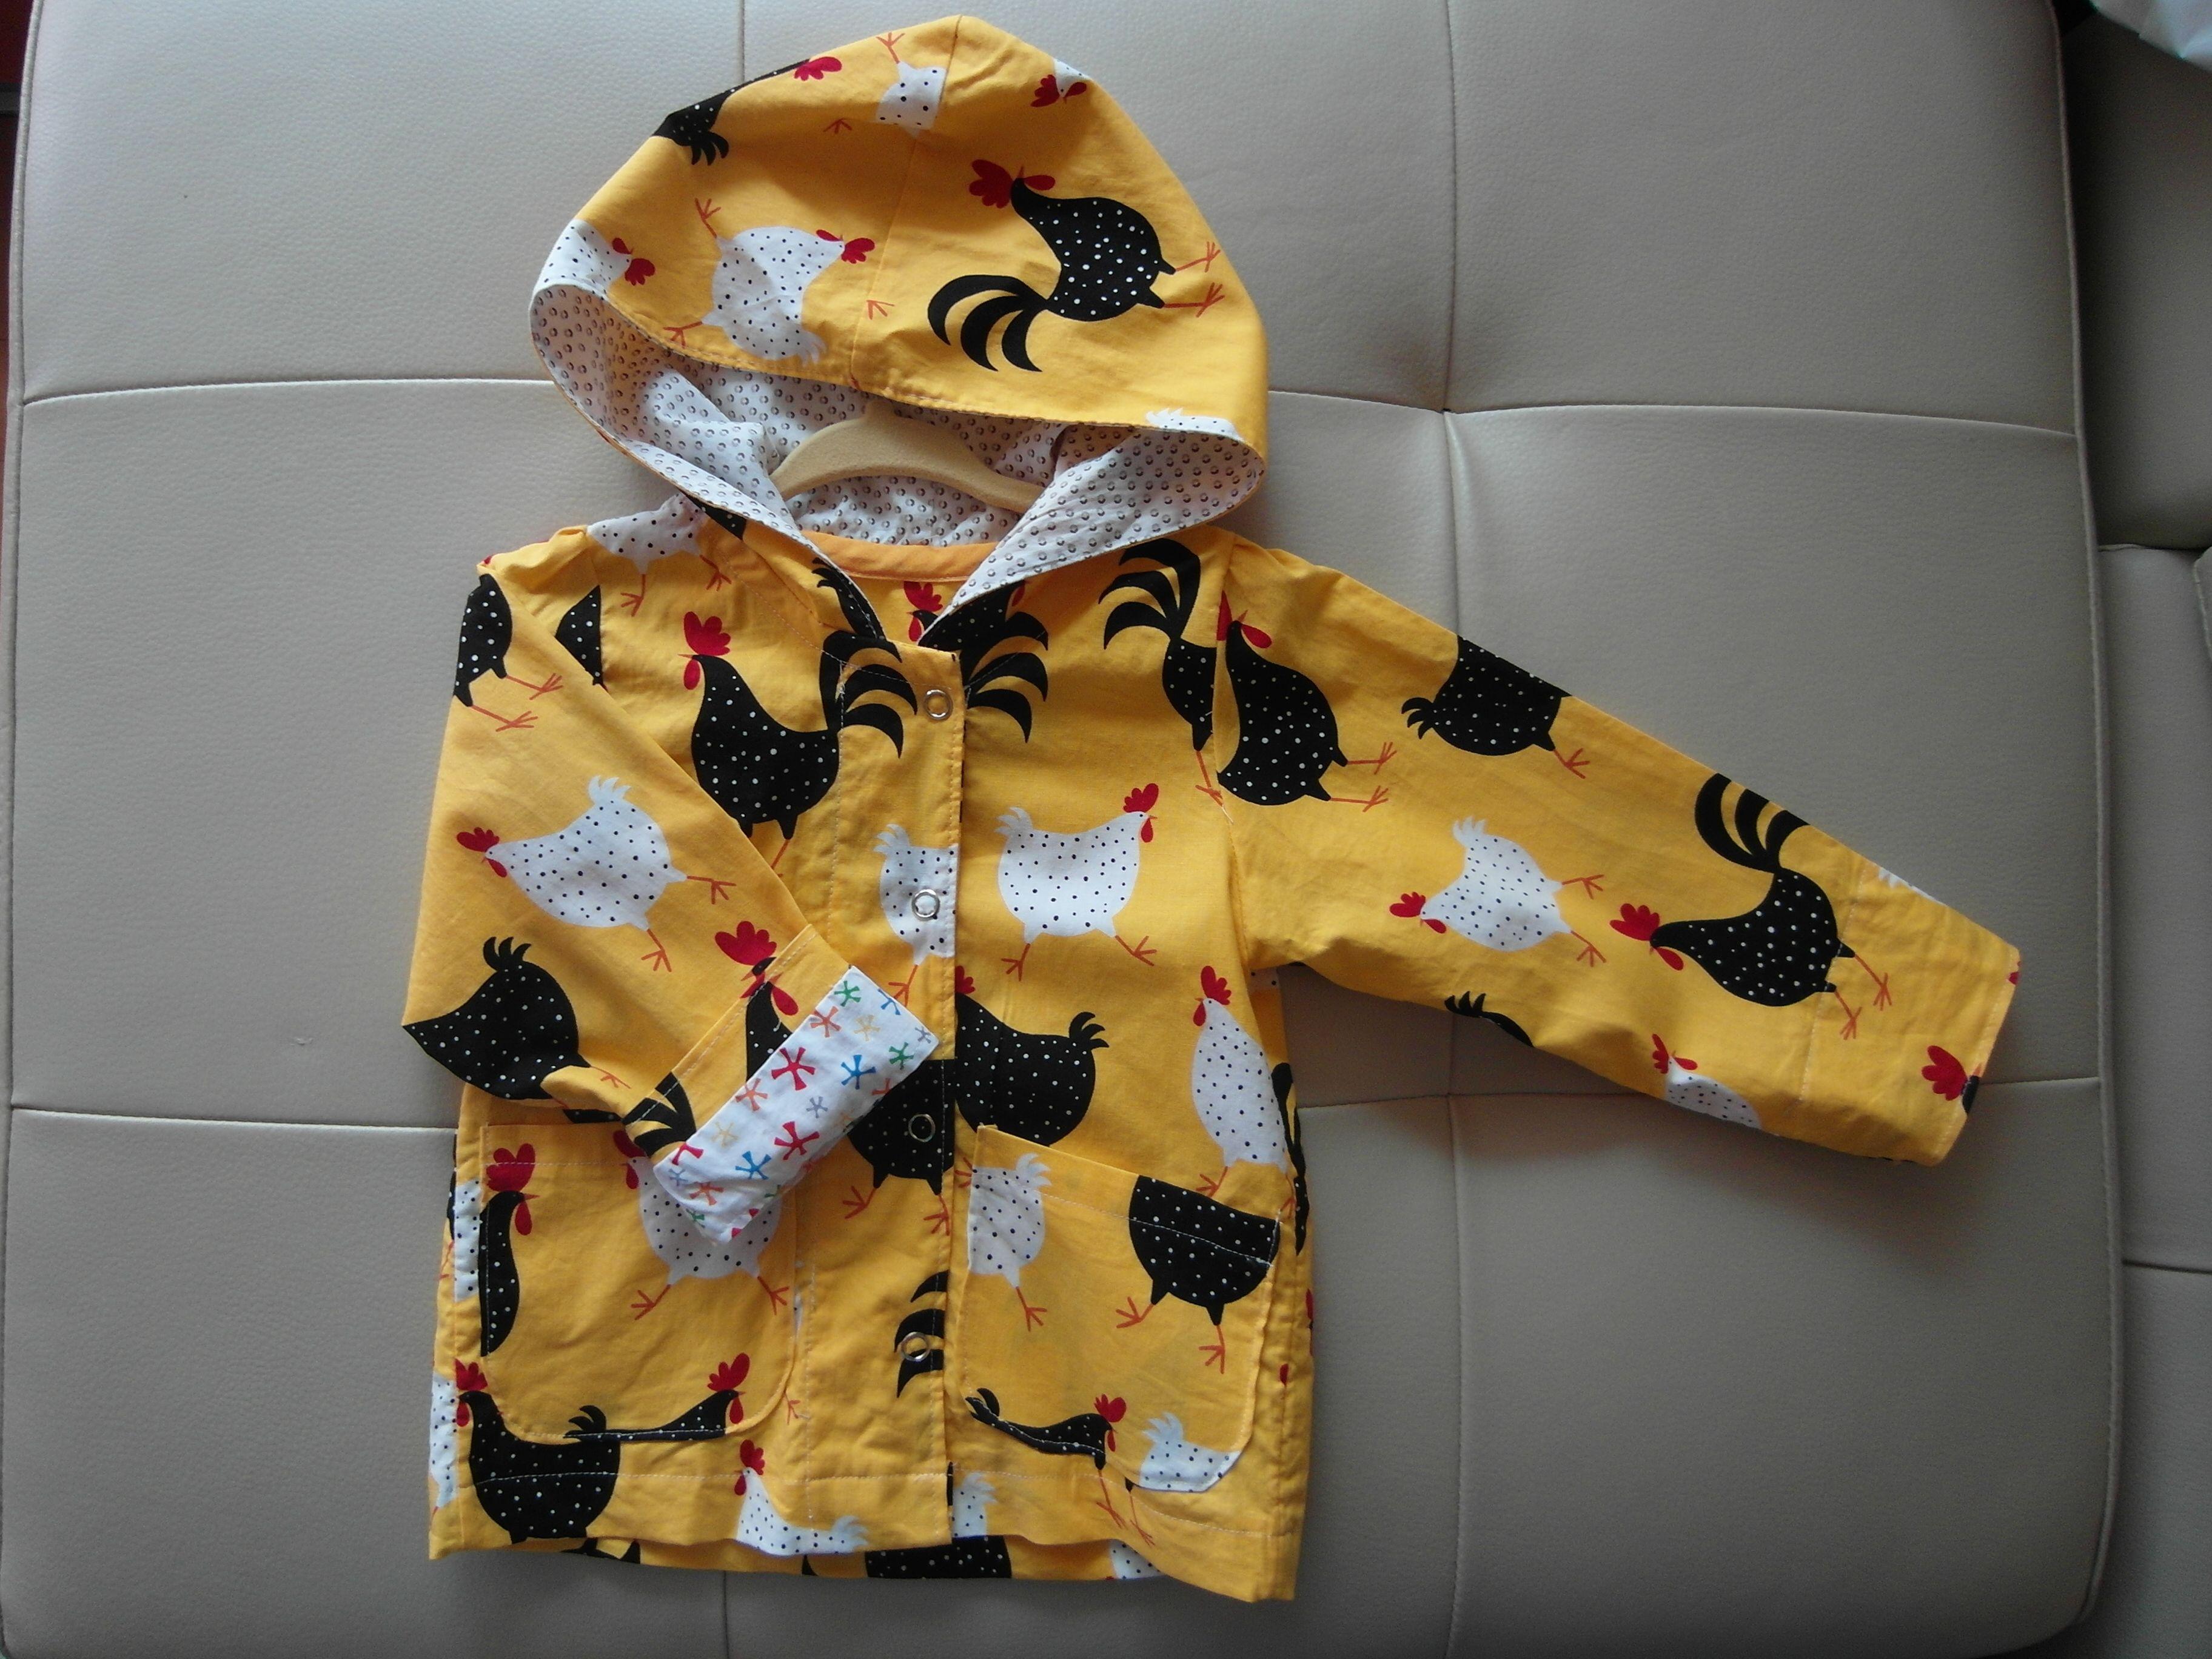 Baby Anorak, Fabric: Robert Kaufman(USA) AEK-11219-5 YELLOW